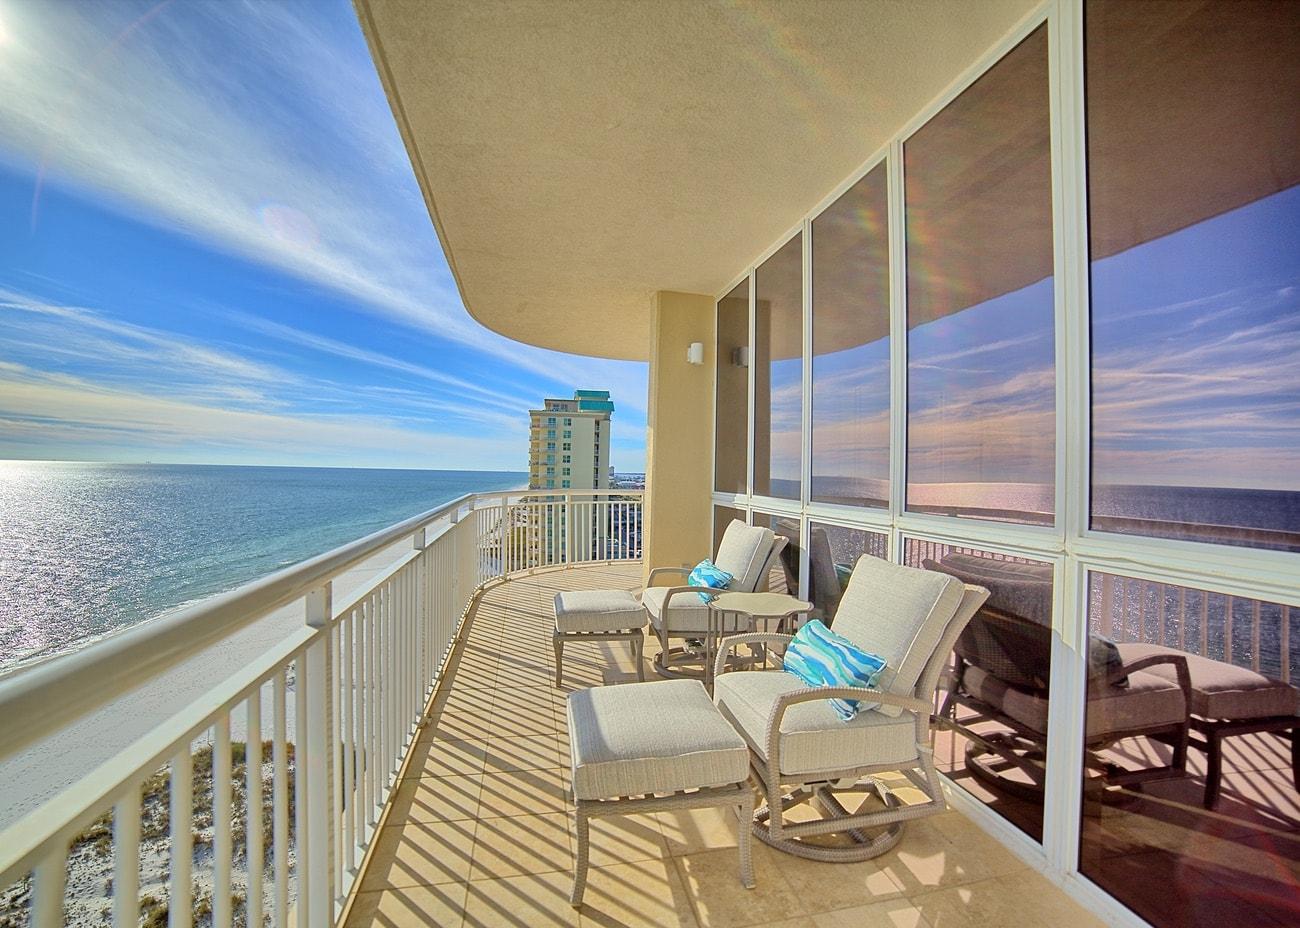 Sugar Beach Interiors, Miramar Beach Florida, Gulf Shores, Alabama Condo